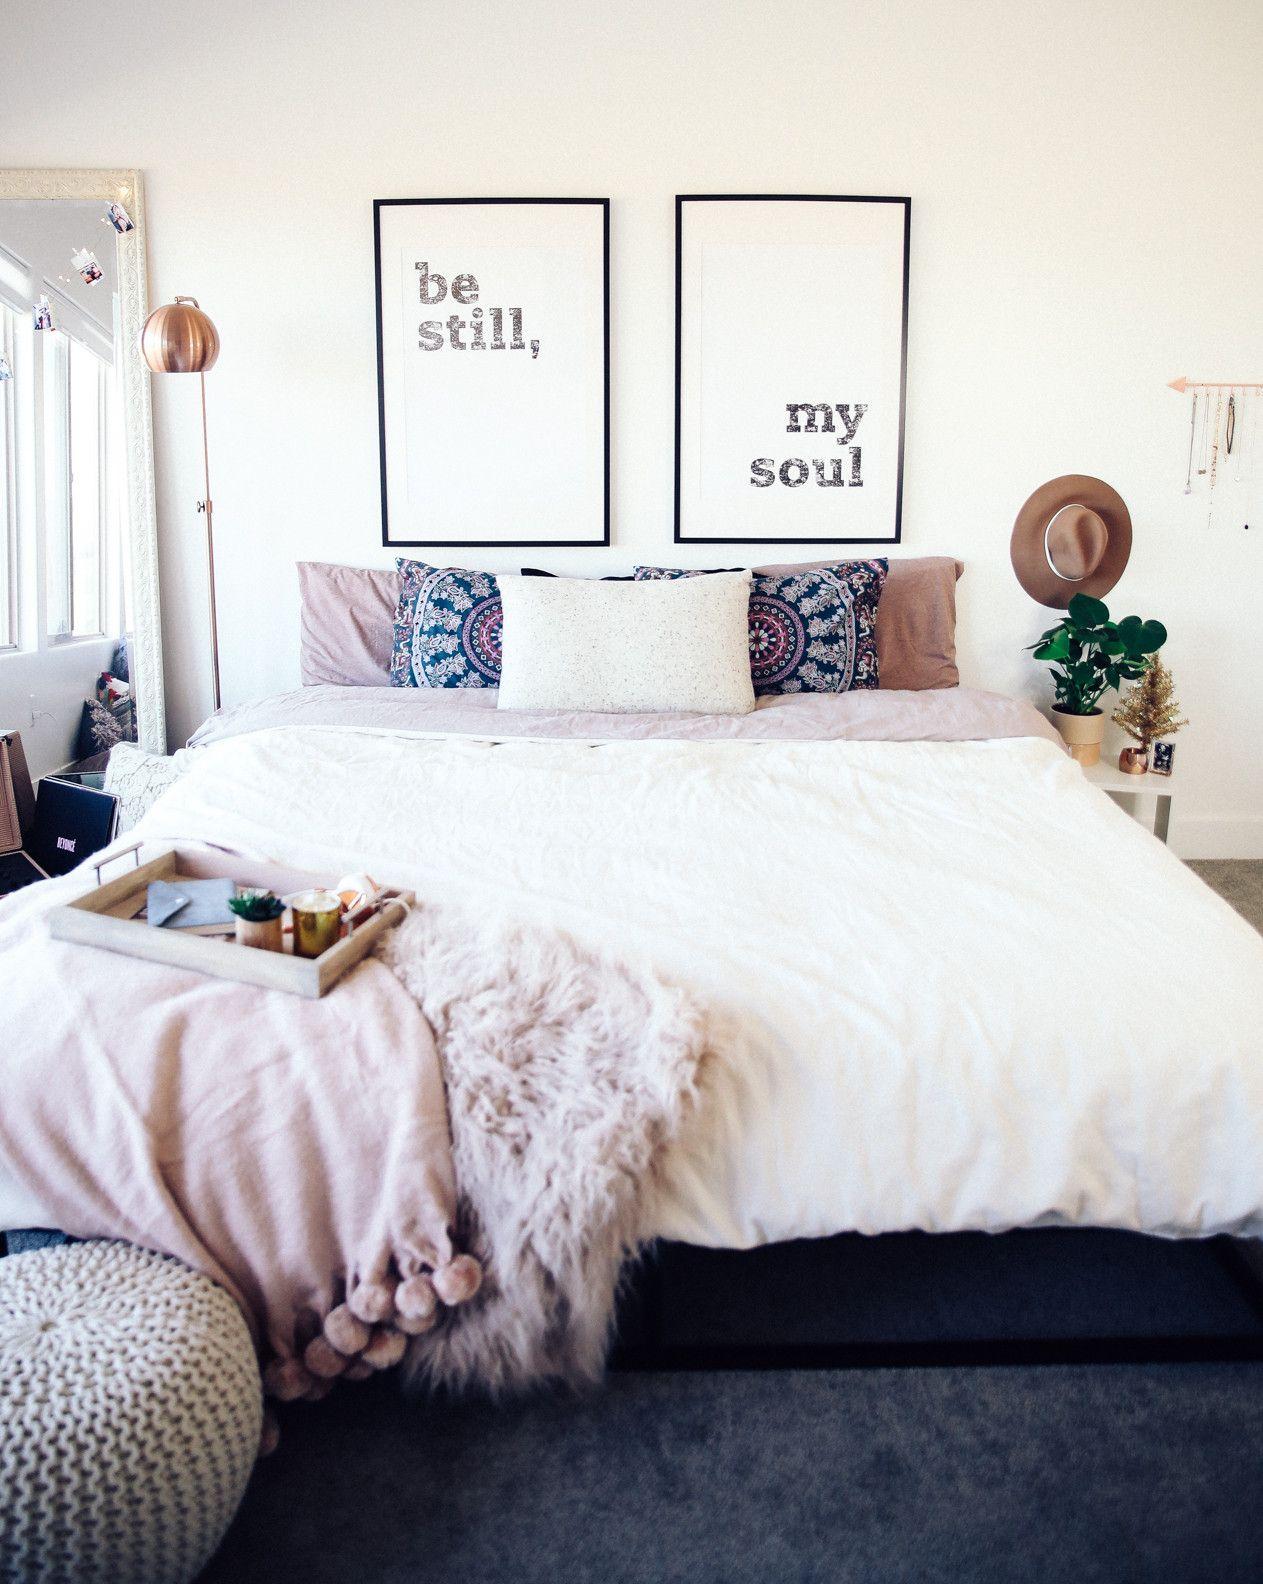 New Room Makeover Aspyn Ovard Home Bedroom Room Makeover